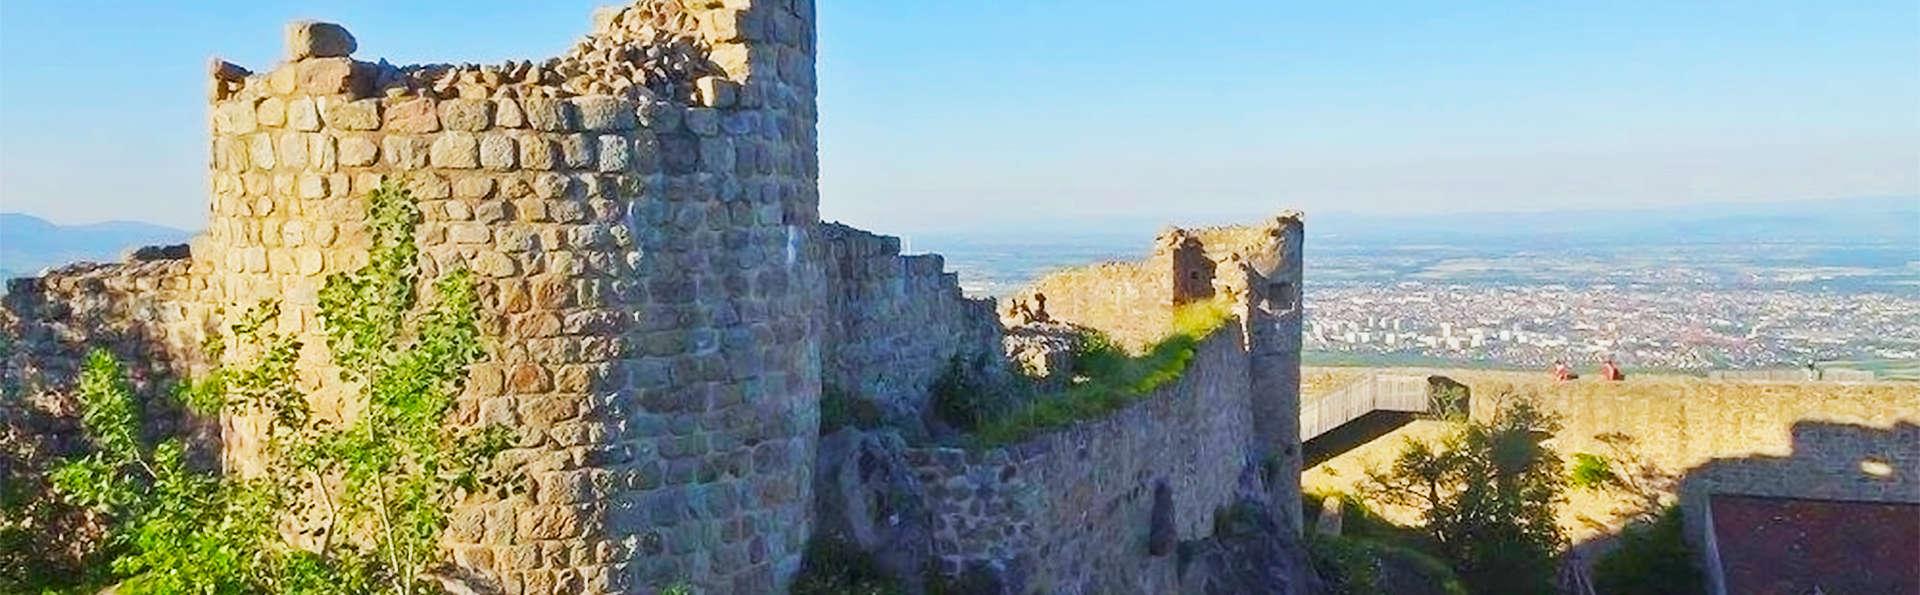 Week-end près de Colmar avec entrées au Château Médiéval de Hohlandsbourg